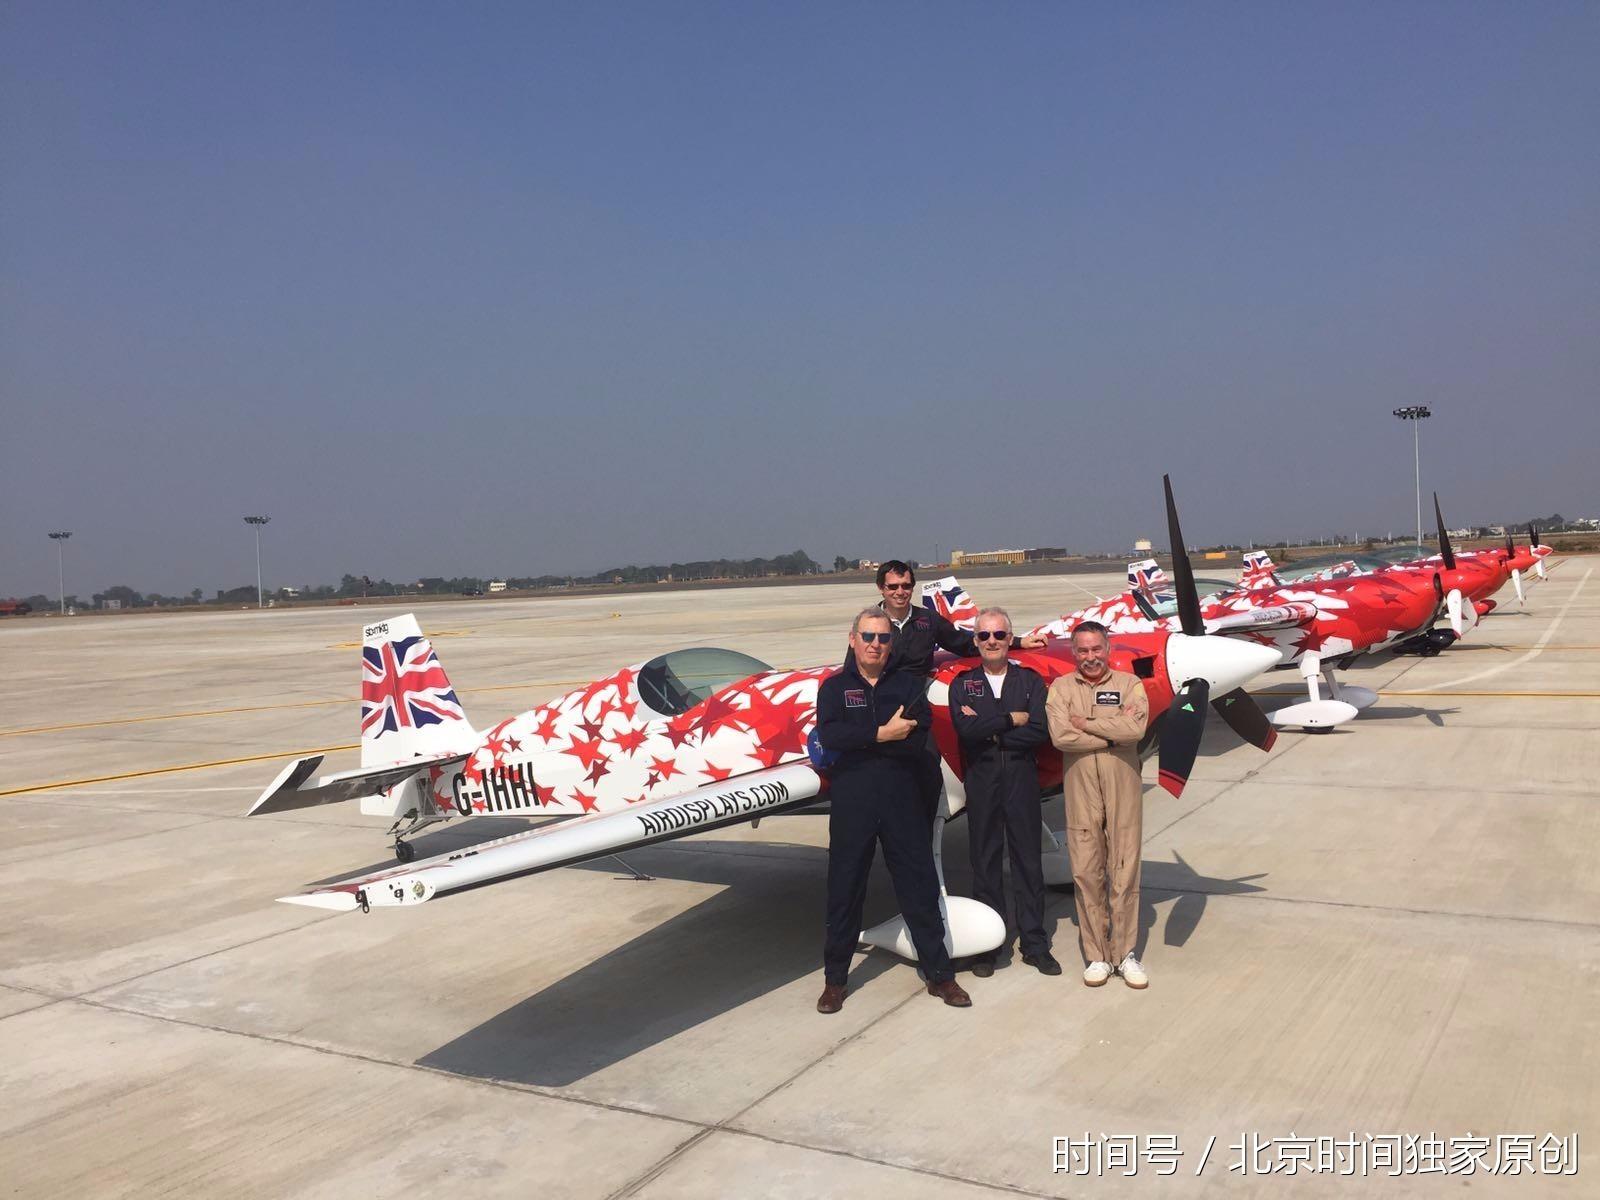 航展飞行表演的外籍飞机分别来自俄罗斯,英国,法国,意大利等11个国家